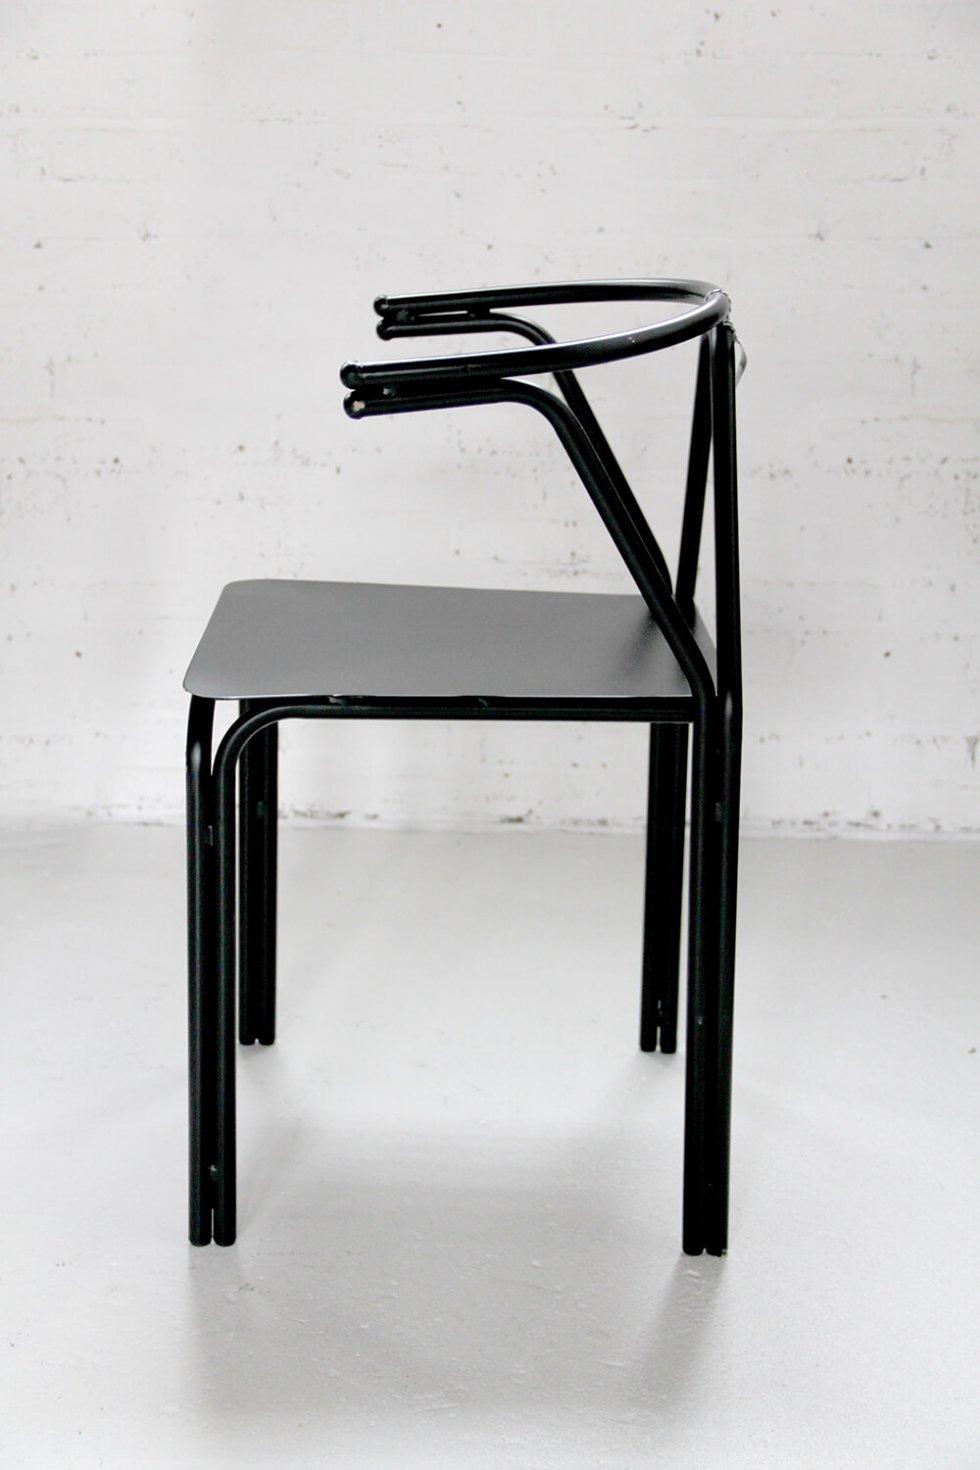 Z015 - Industriële eetkamerstoel met design look naar caféstoel bij quip&Co